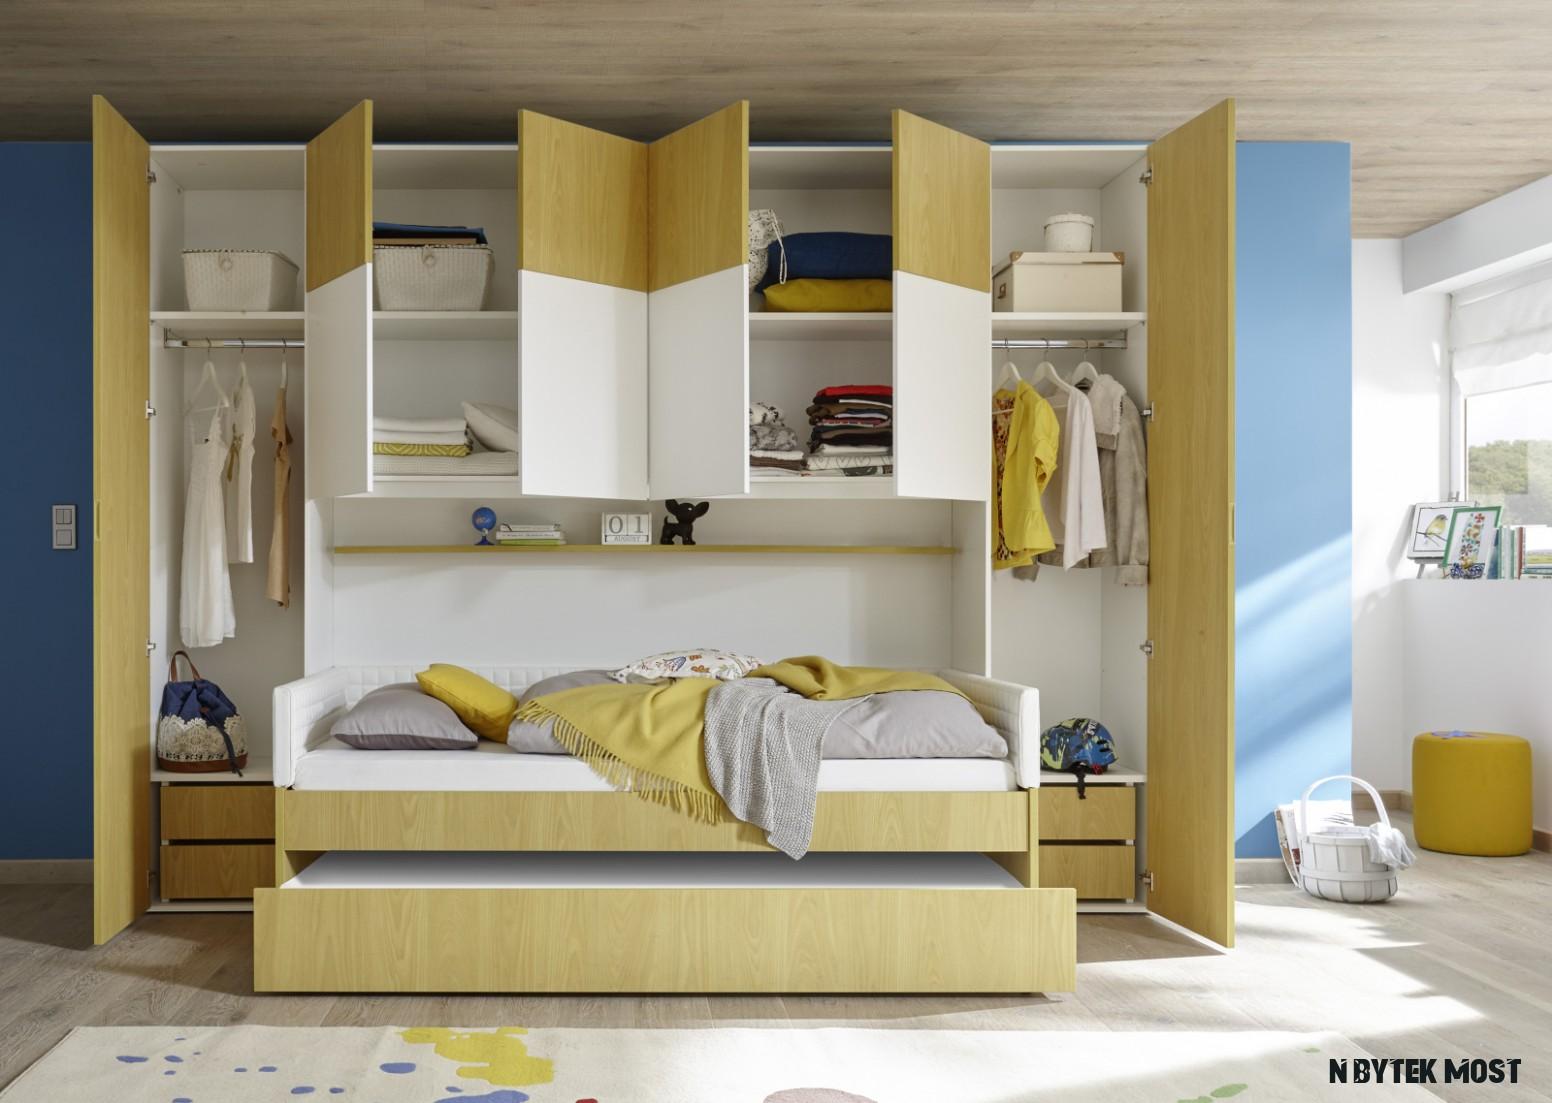 Dětský a studenstký nábytek ESPERO gelb (žlutá varianta) - Moderní